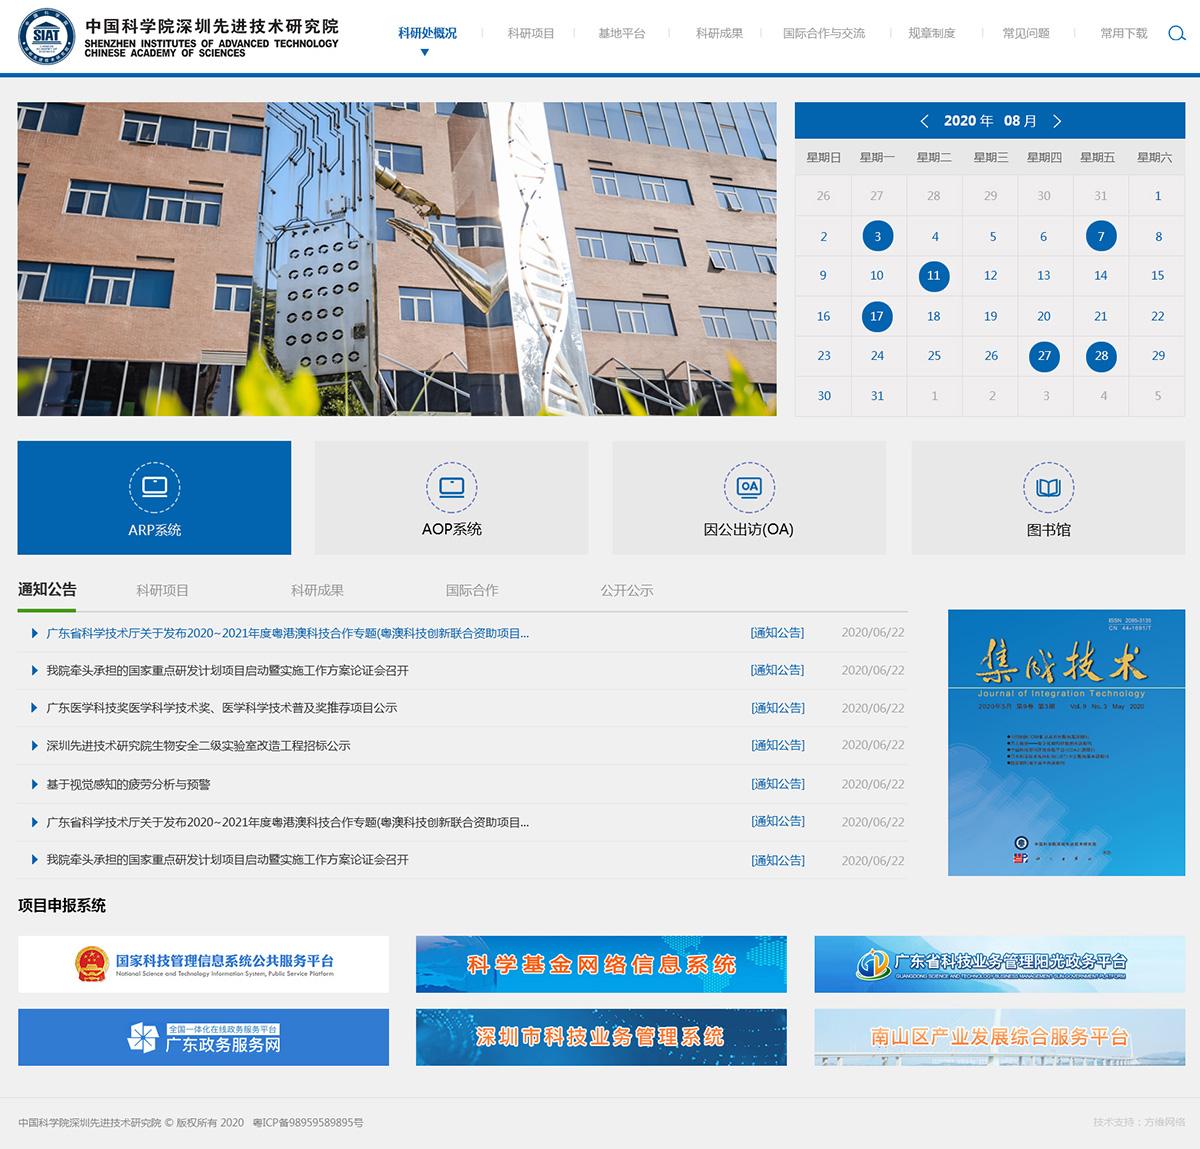 中科院深圳先进院科研管理与支撑处网站案例